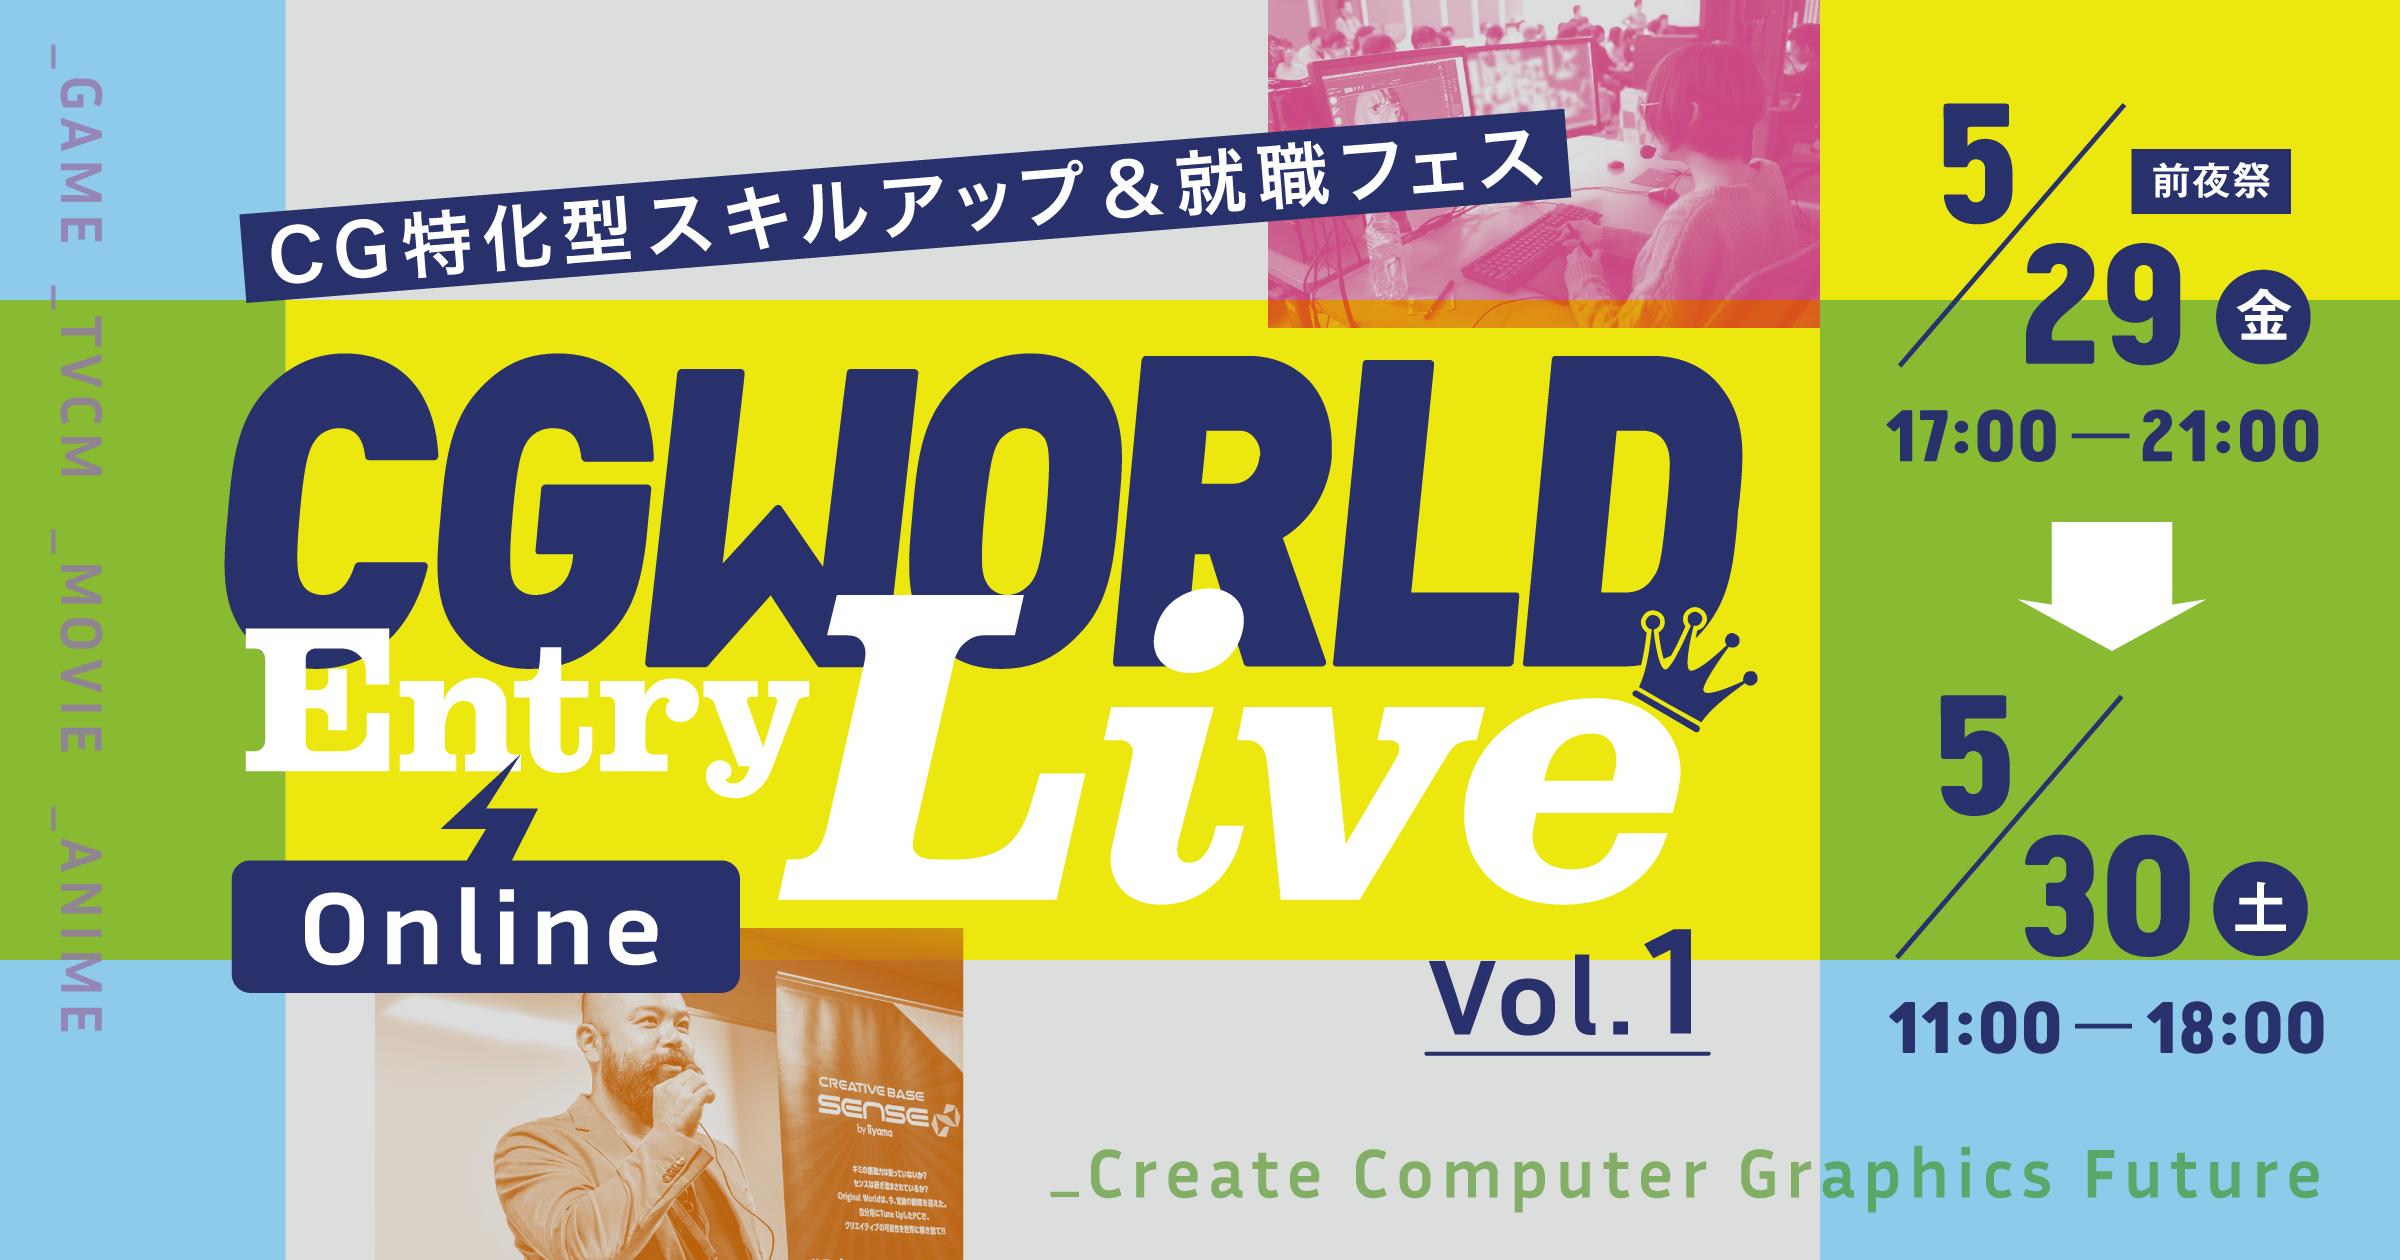 タイムテーブル公開!  就職・スキルアップのオンラインフェス『CGWORLD Entry Live Online』5/29金-30土(CGWORLD)